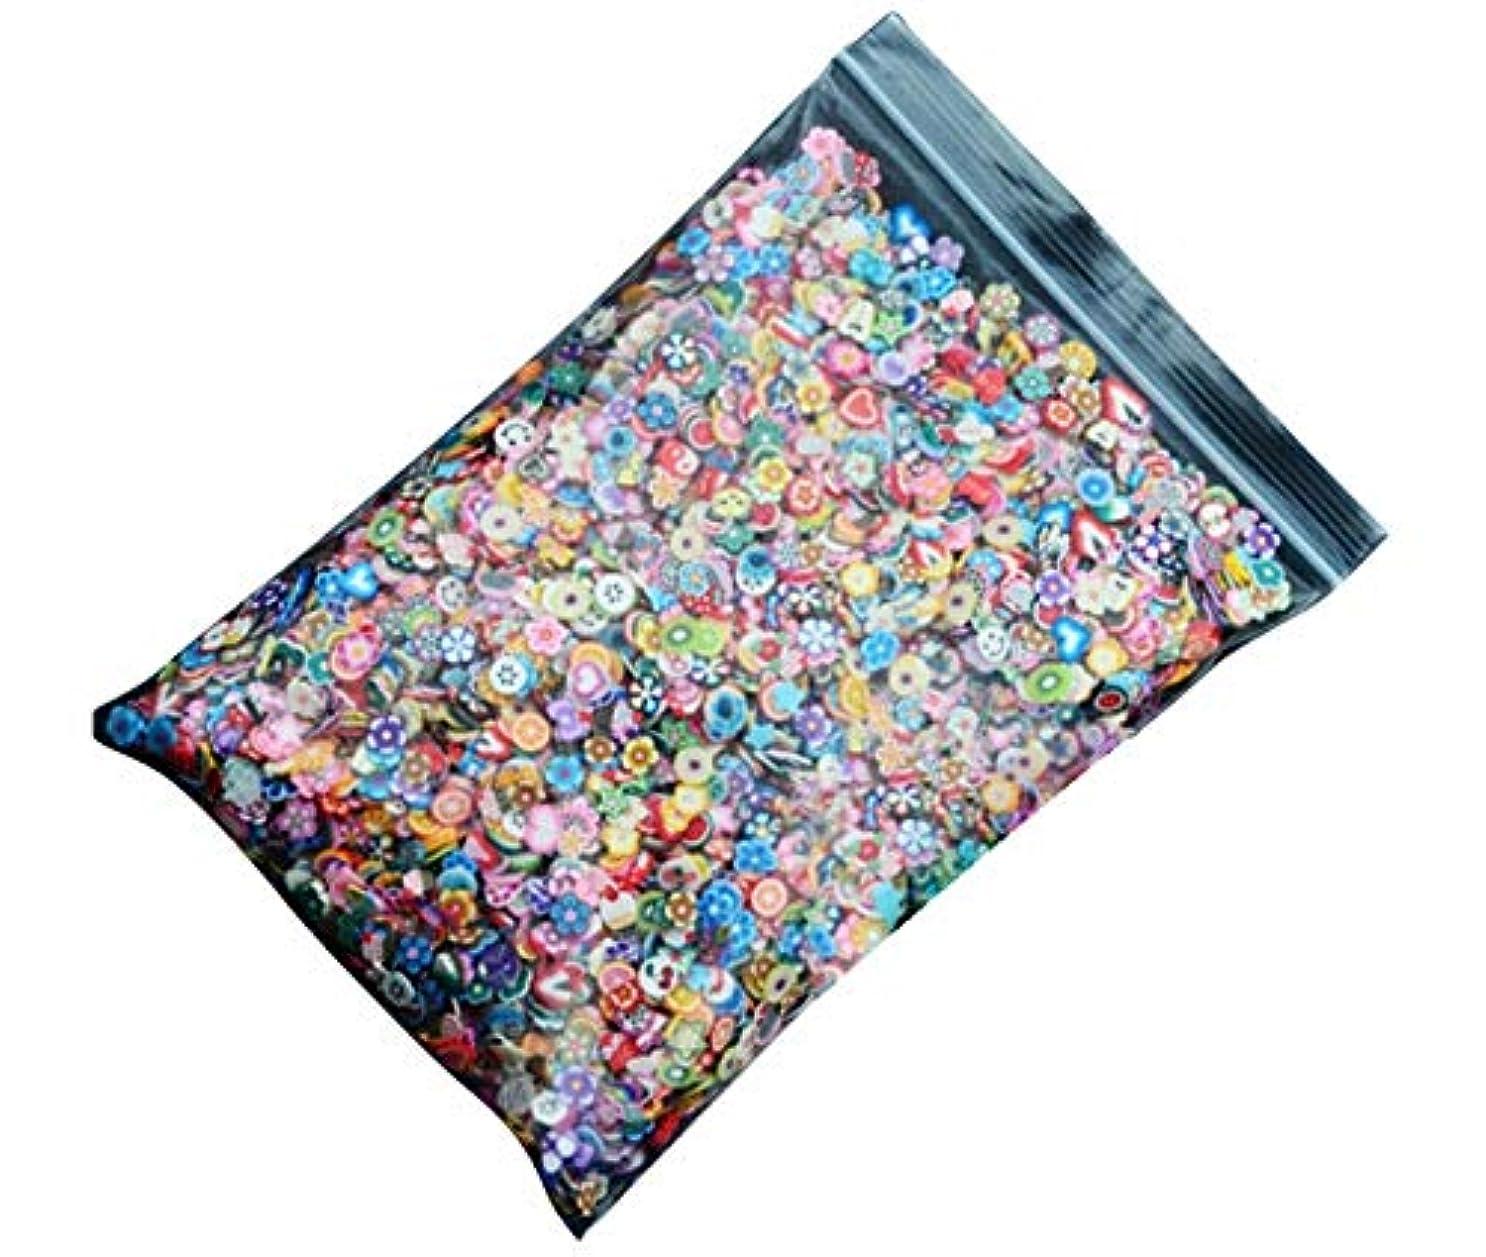 ポルノ知り合い干し草Madalena ソフト陶磁器デザインネイルアートステッカーマニキュア美しいファッションアクセサリー装飾DIYモバイル美容パッチ千個 (Color : Mixing)